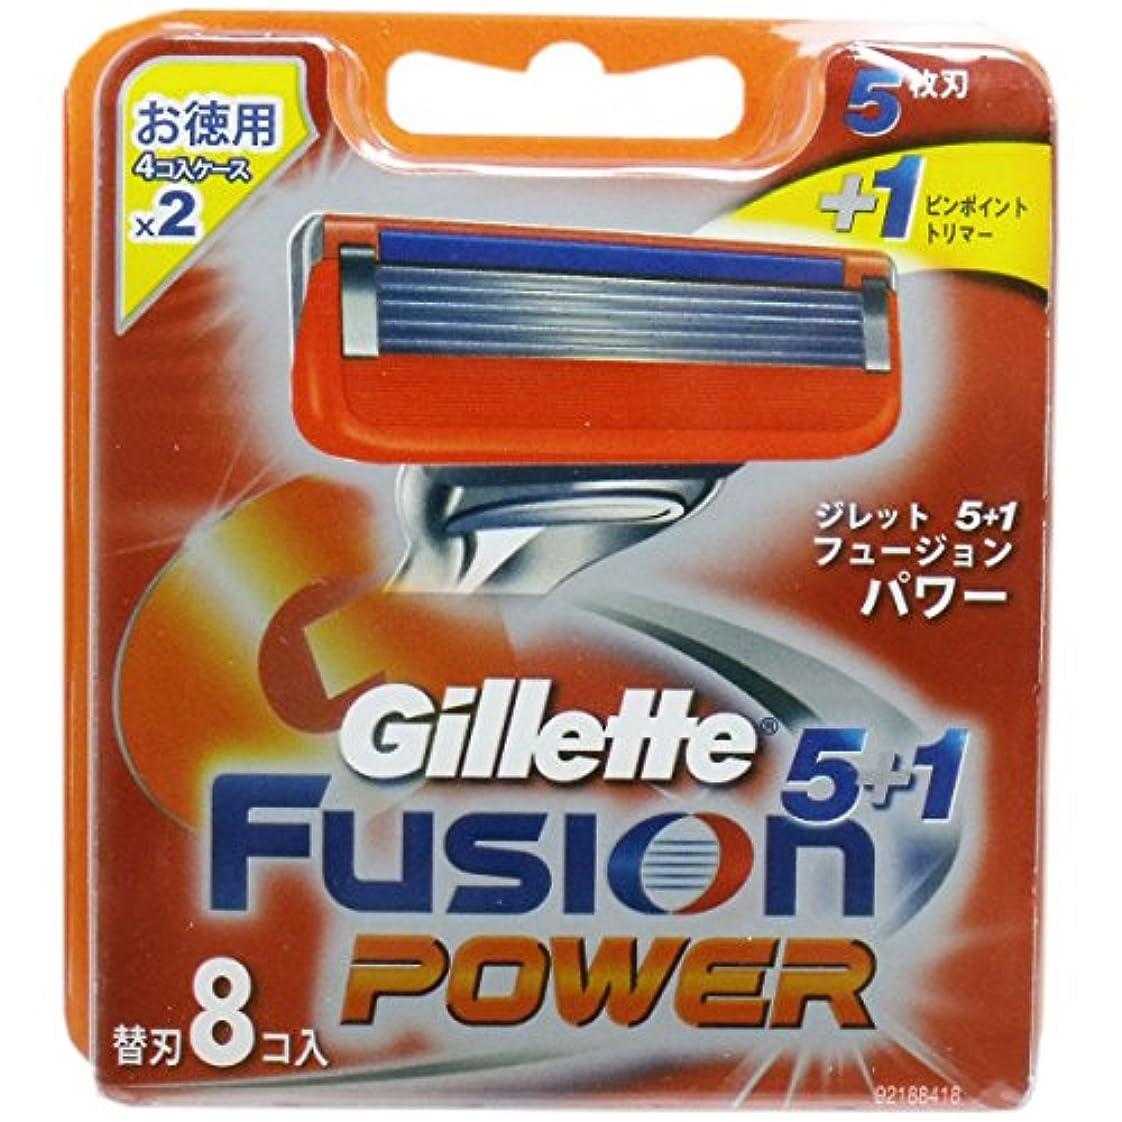 混乱した擁する完全に乾くジレット フュージョン5+1 パワー 替刃8個入(単品)